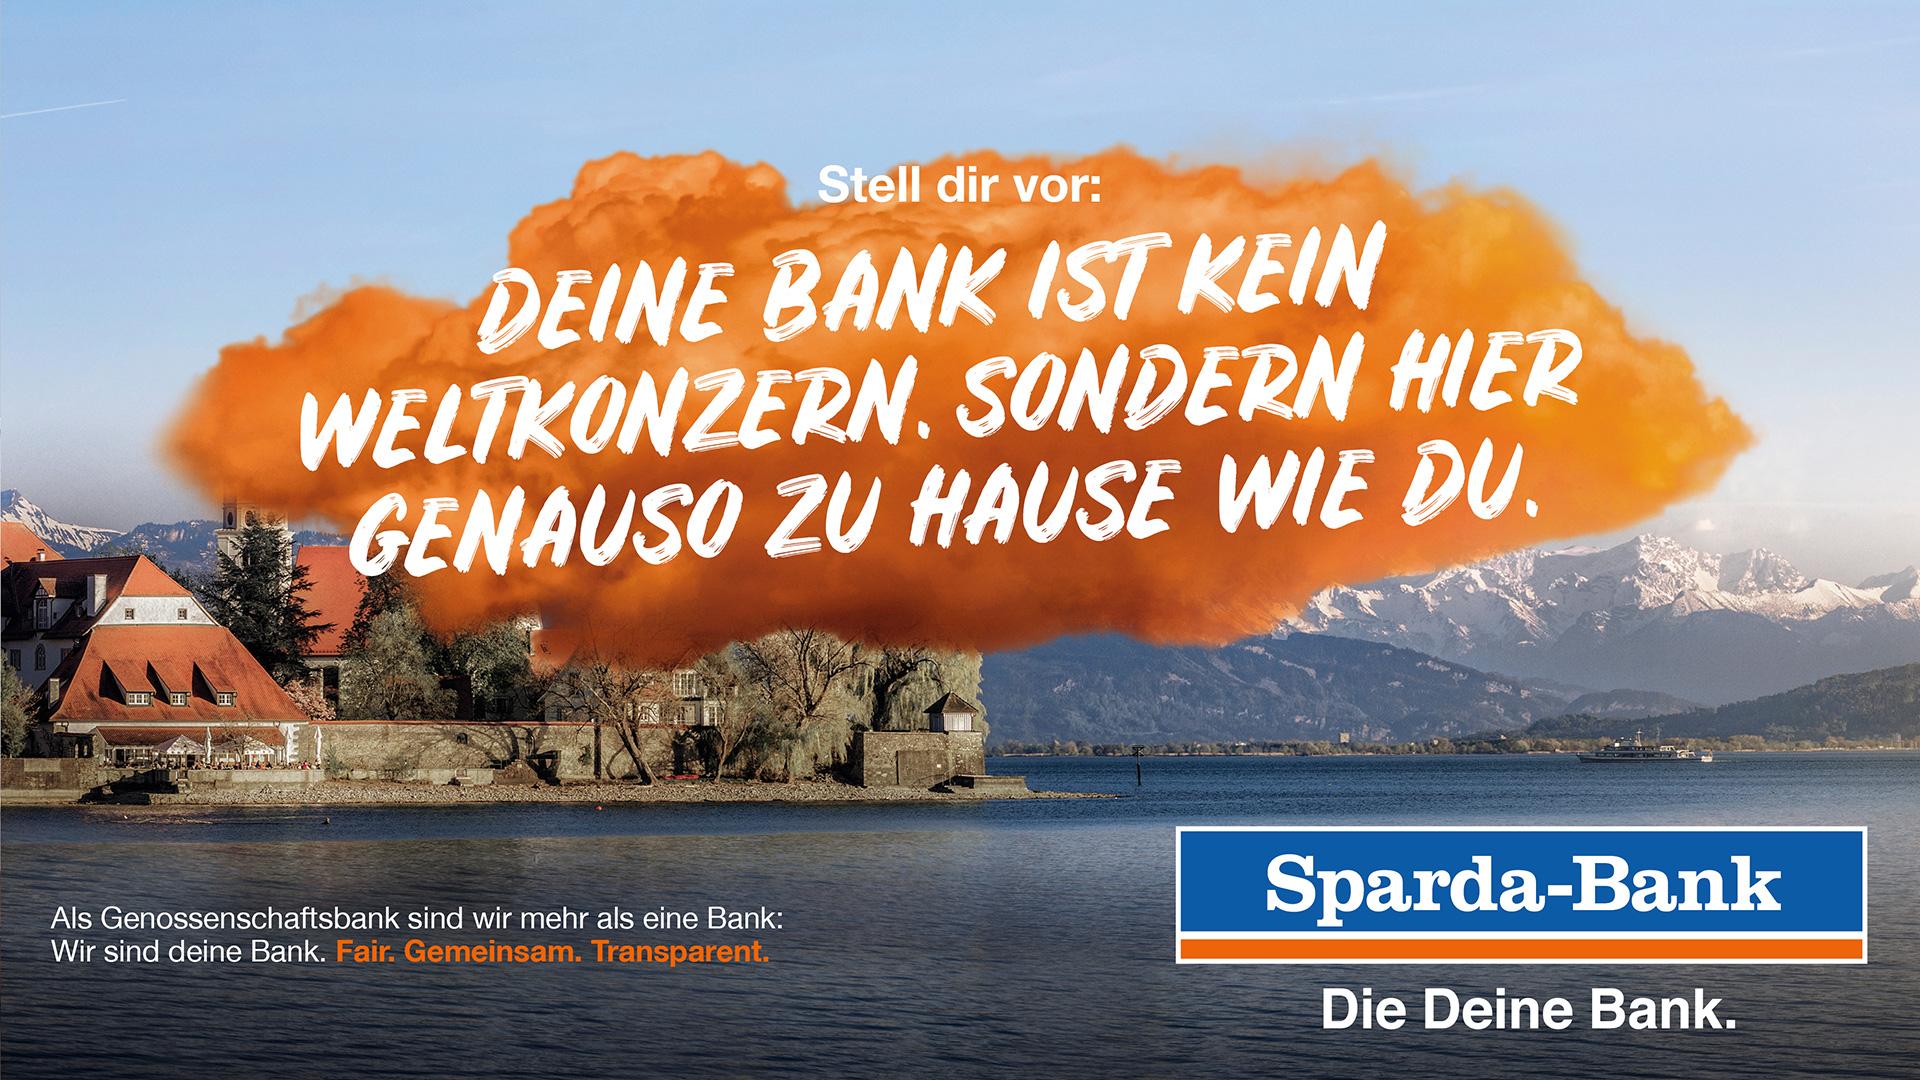 öffnungszeiten Sparda Bank Stralsund